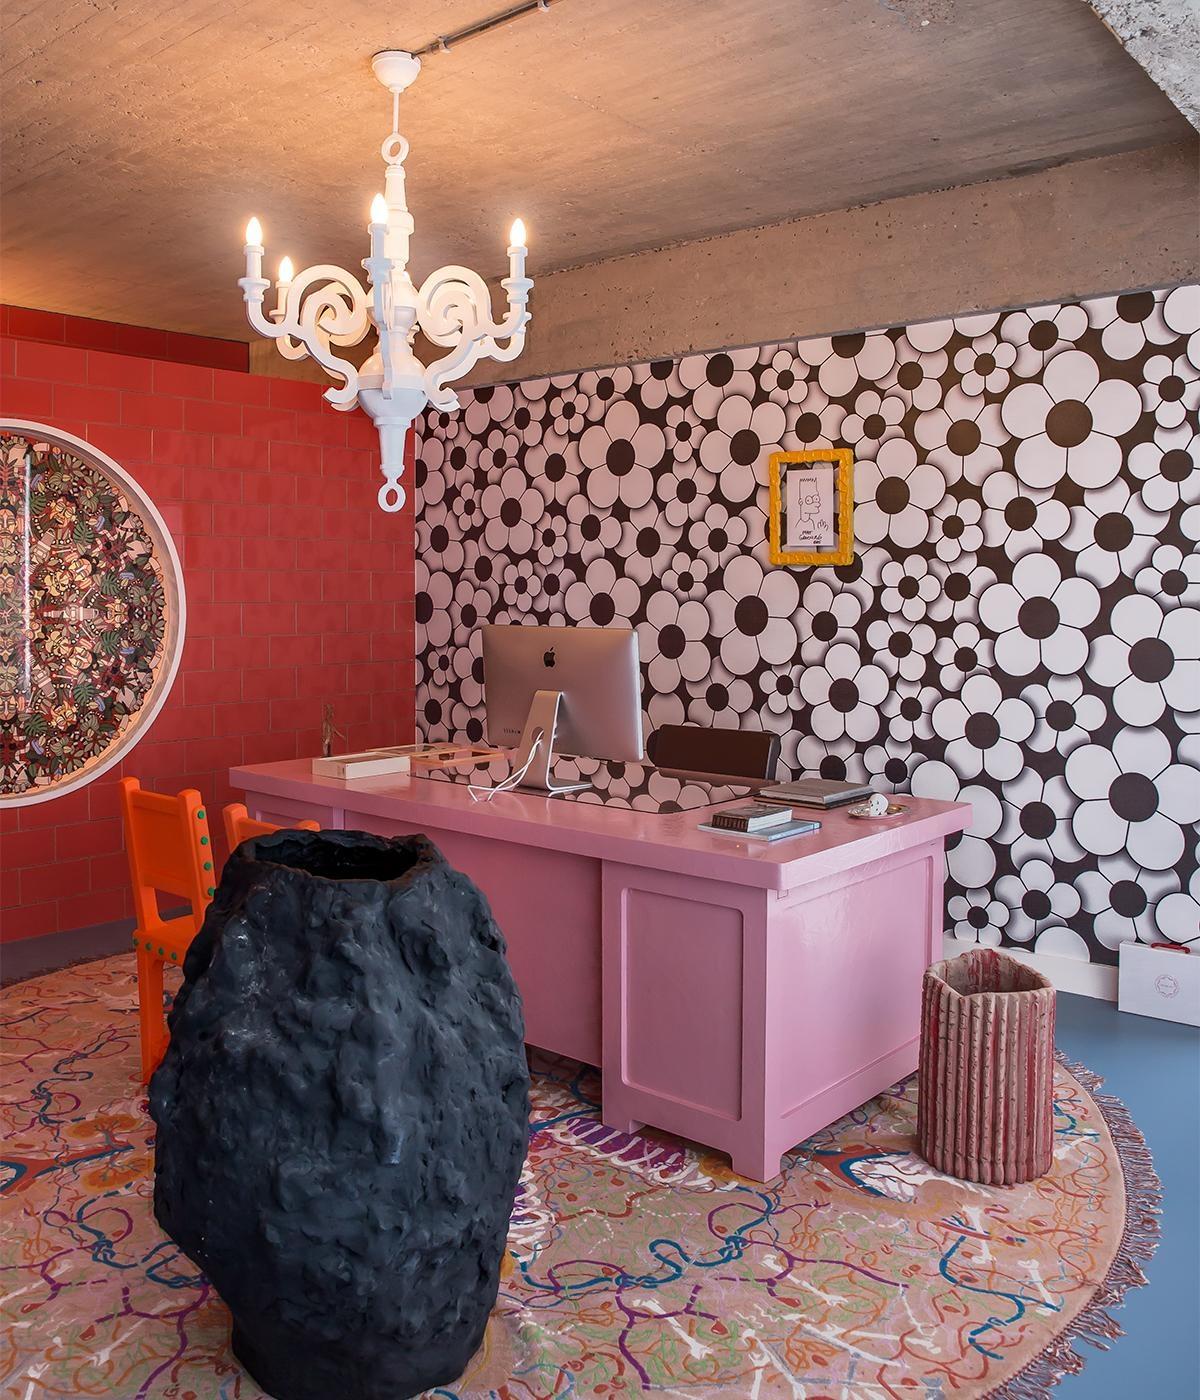 Studio Job обновила интерьеры своей студии в Антверпене (галерея 4, фото 1)